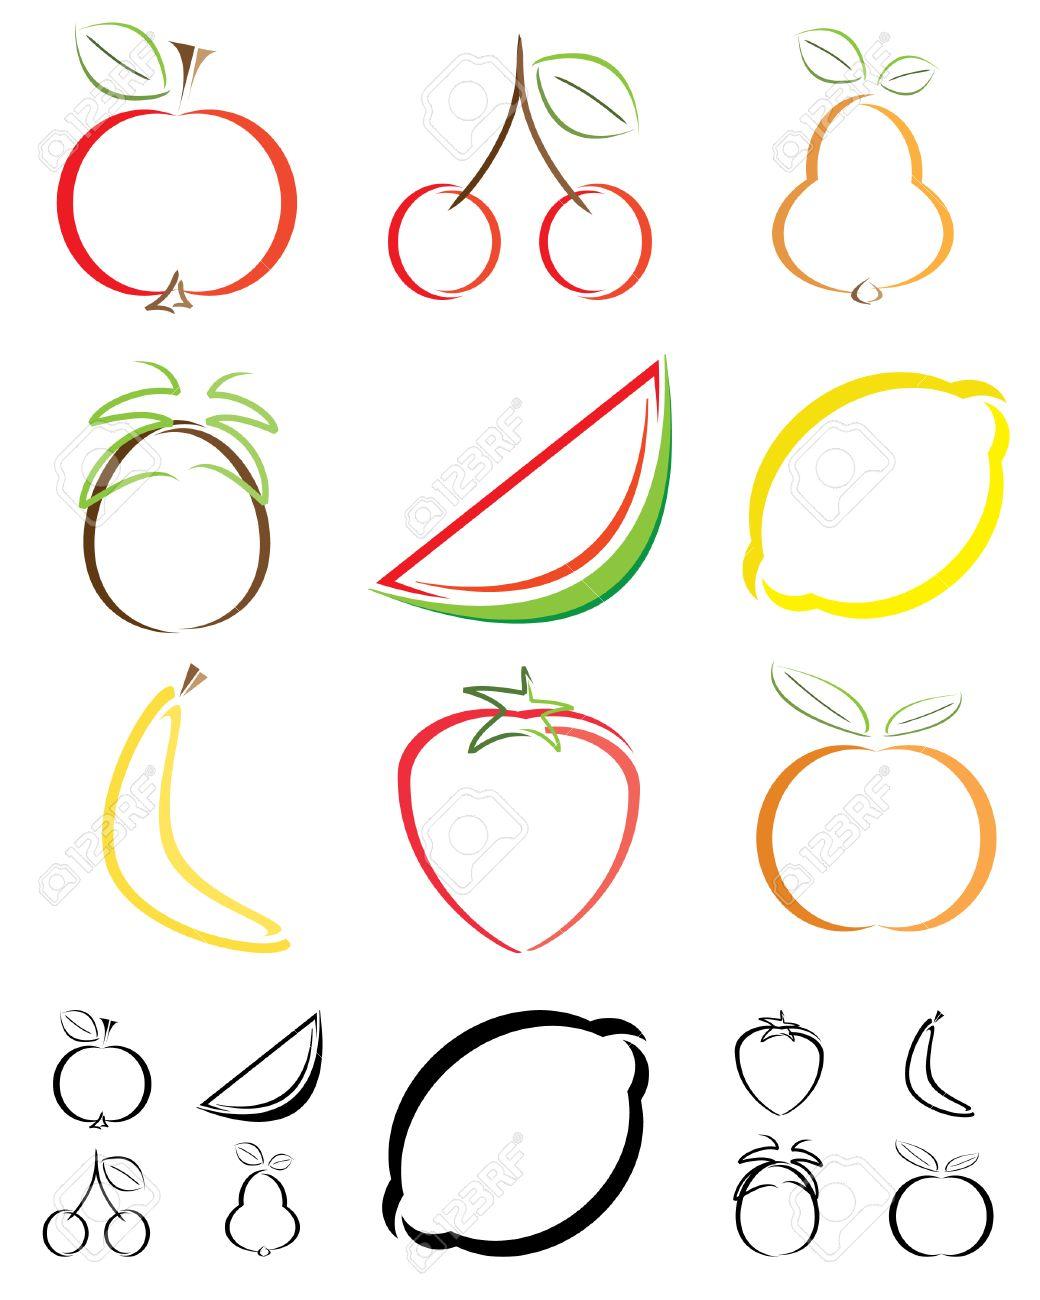 写真素材 , 抽象的なフルーツ図形・ イラスト